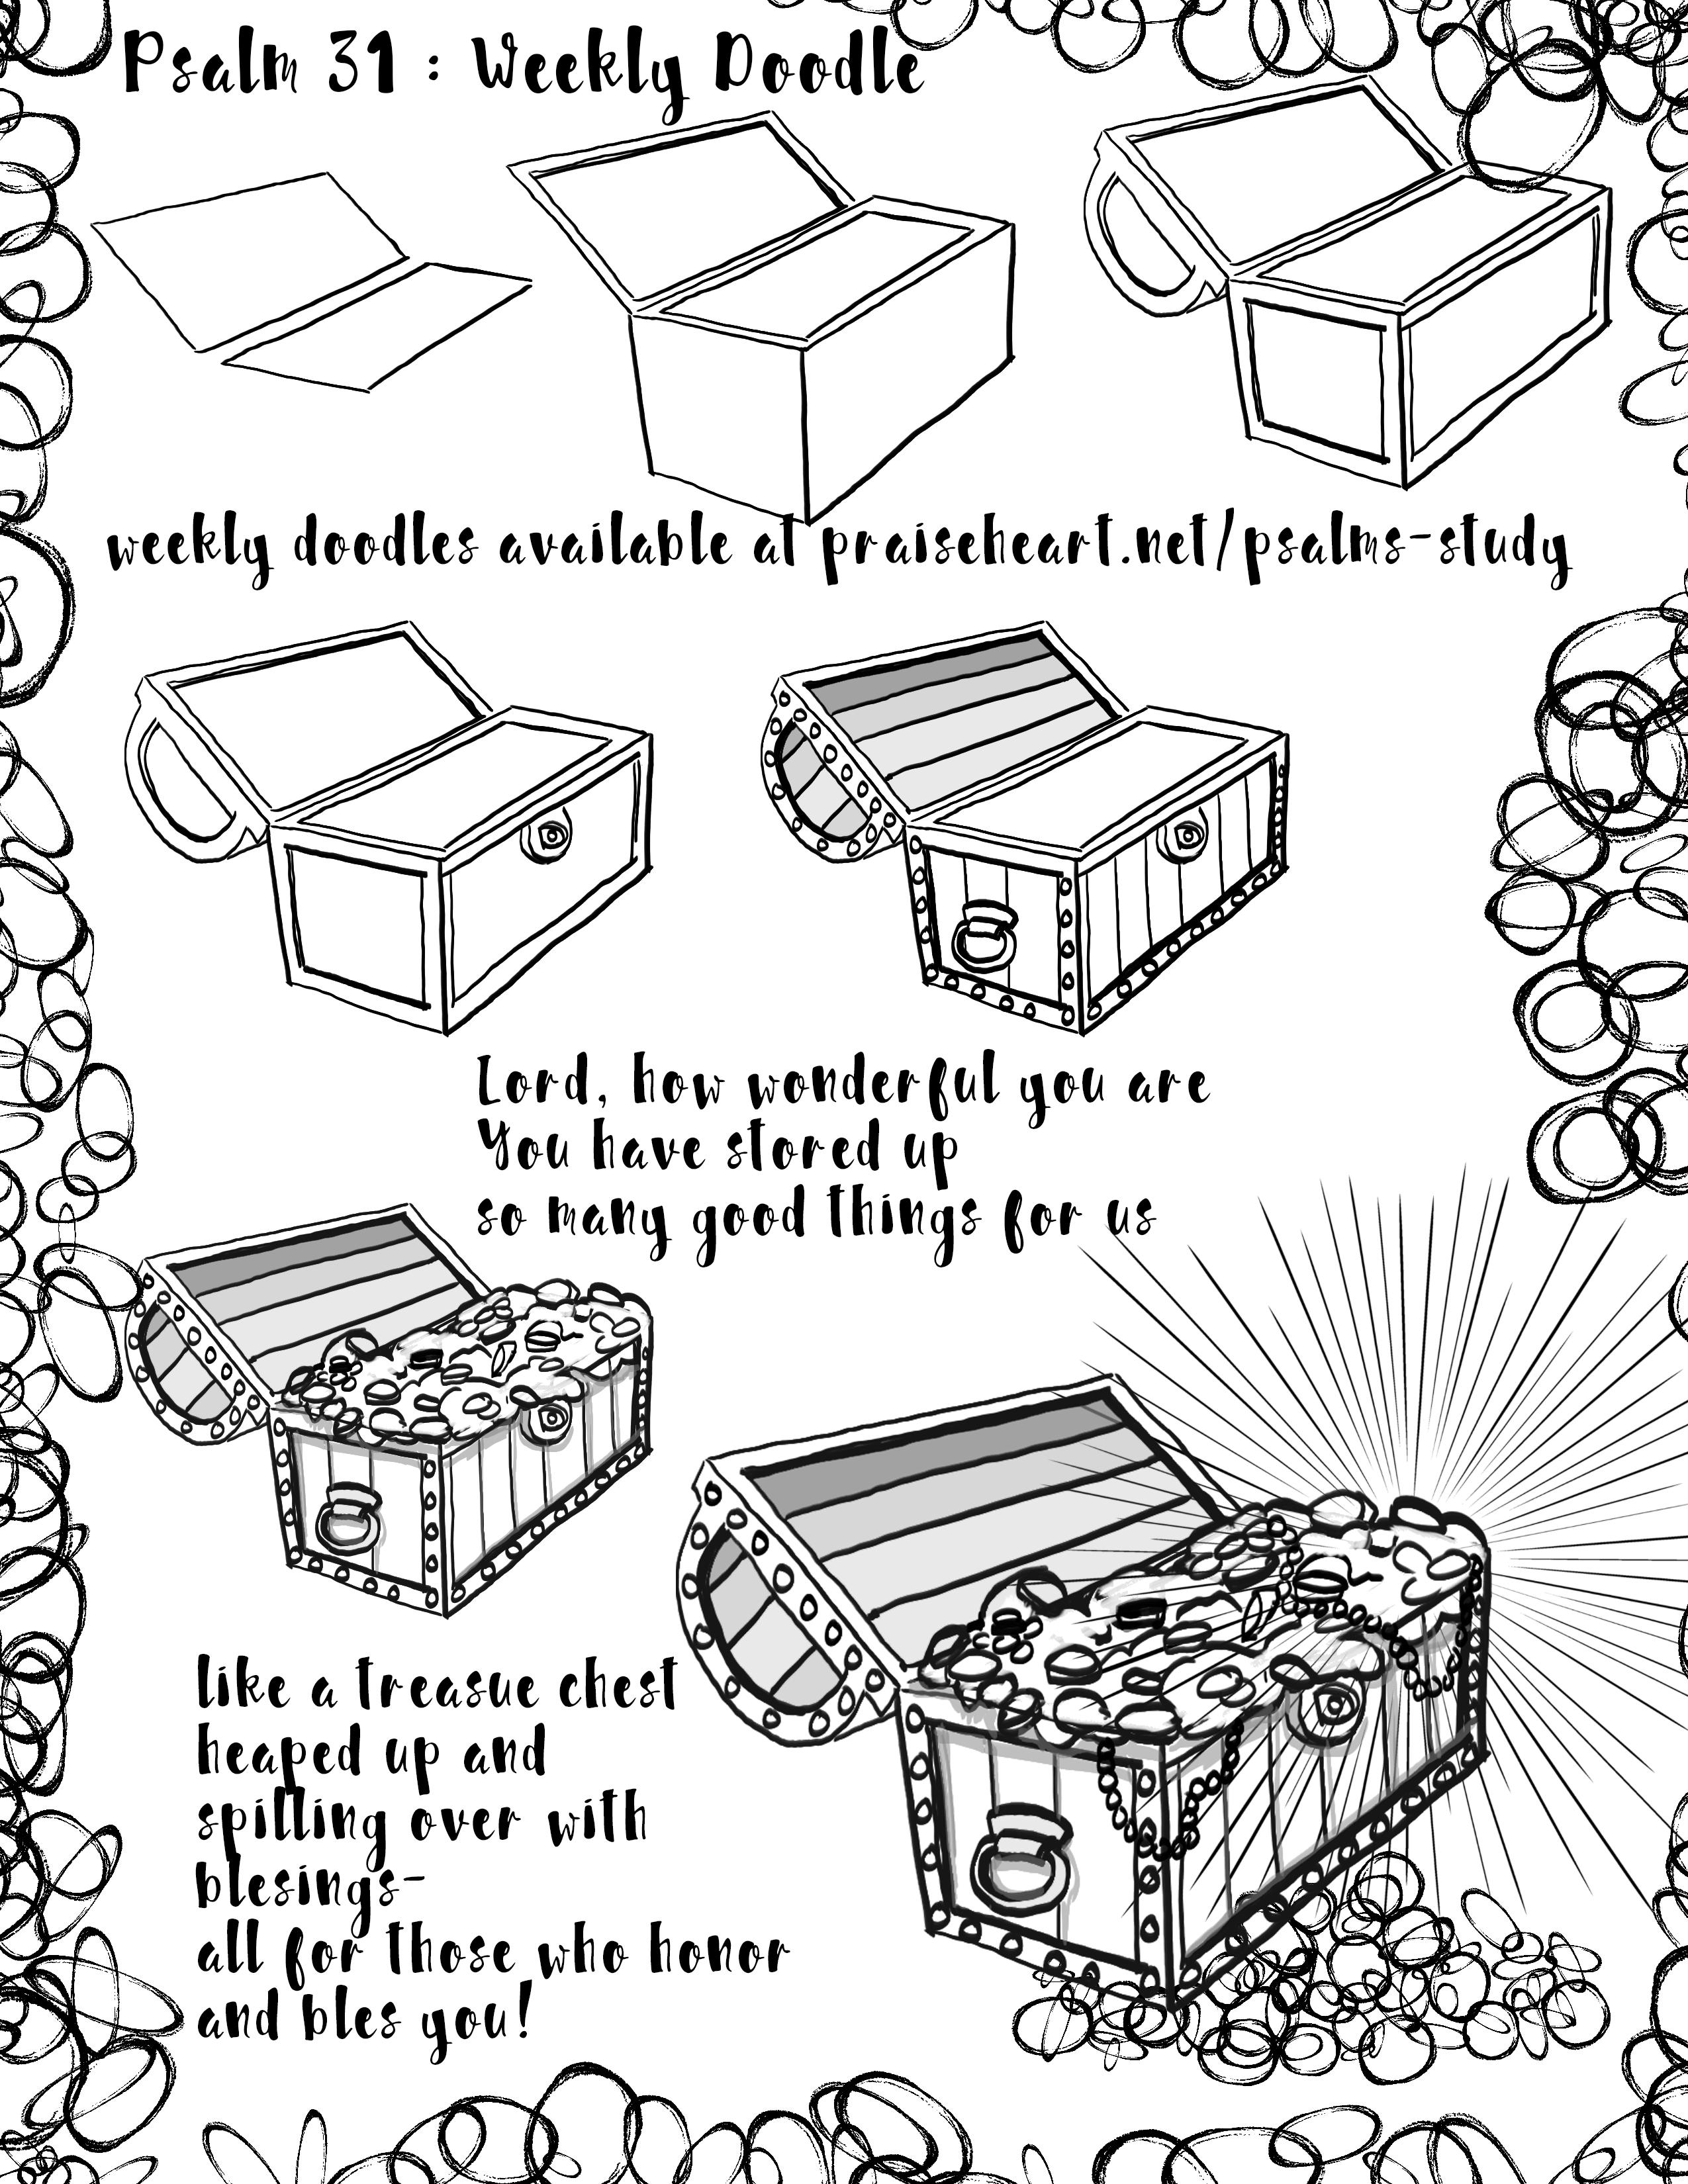 psalm 31 doodle